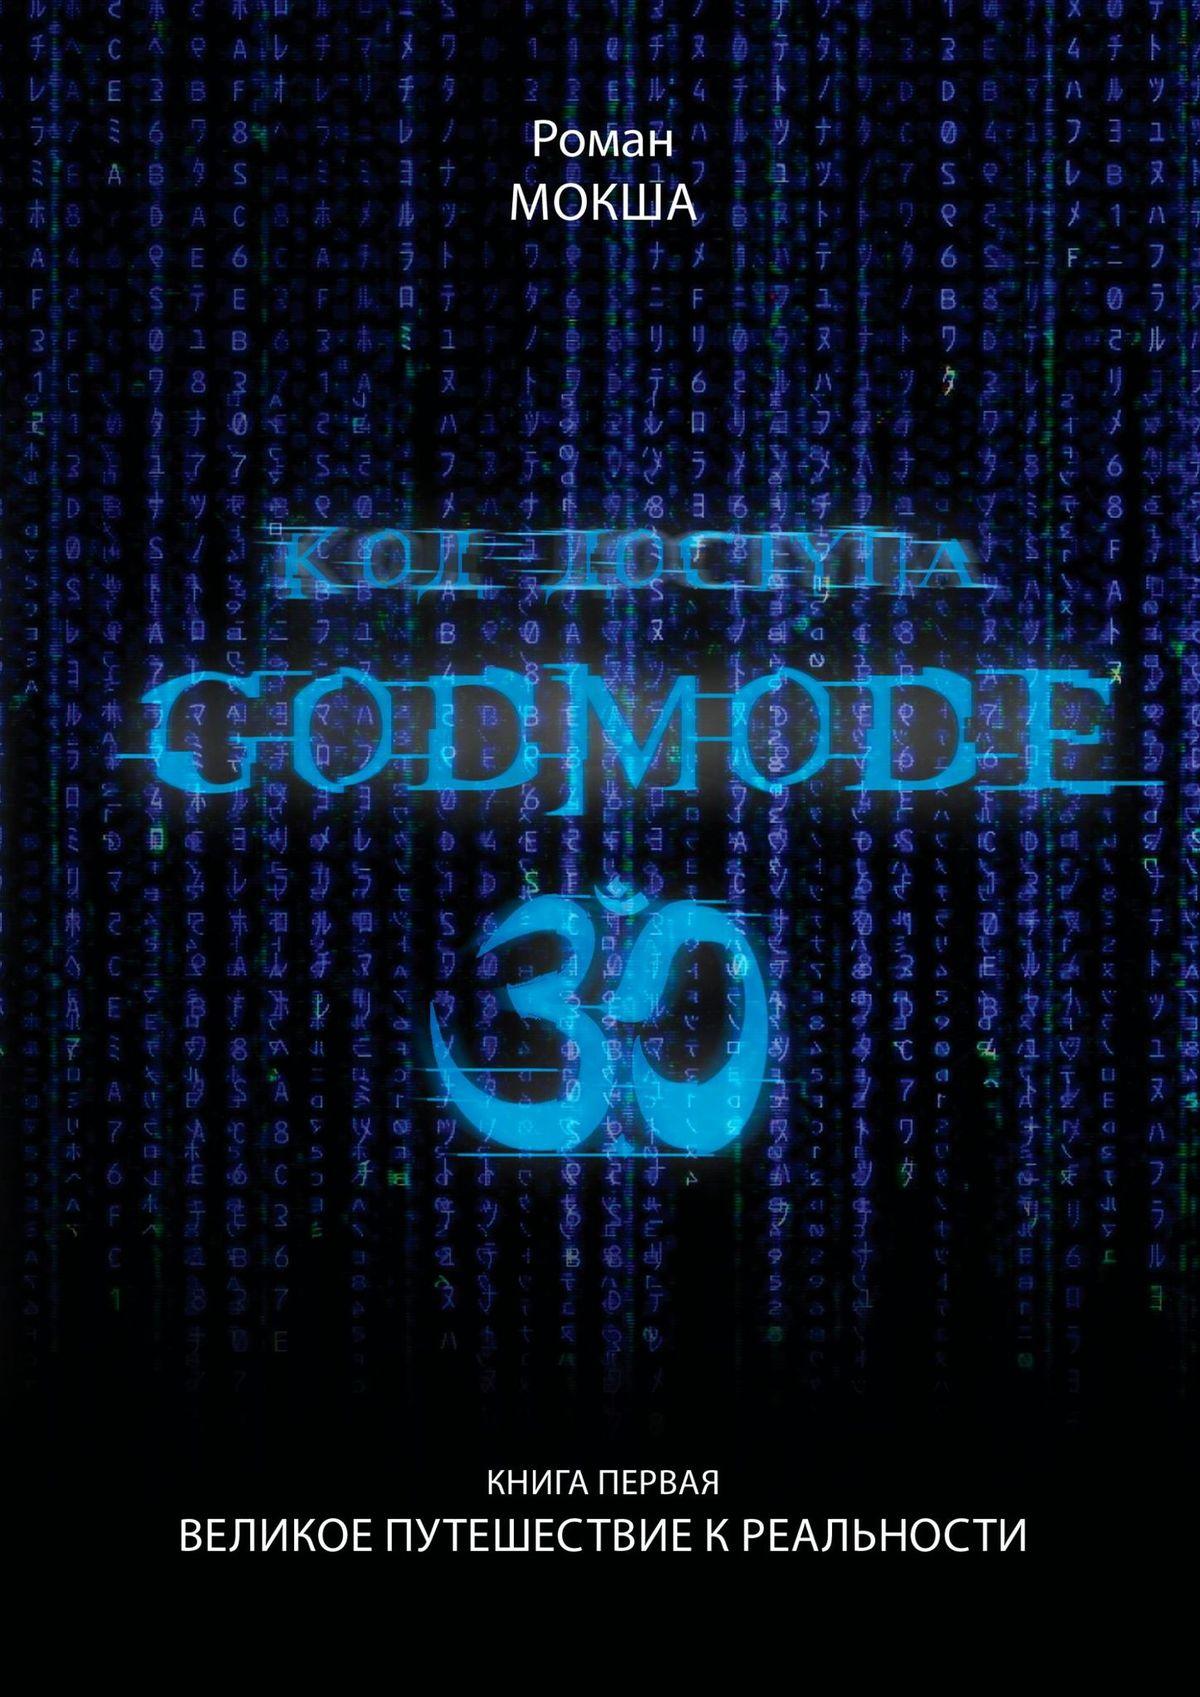 Роман Мокша Код доступа: Godmode 3.0. Книга первая: Великое путешествие к Реальности путь лидера от основания к вершине